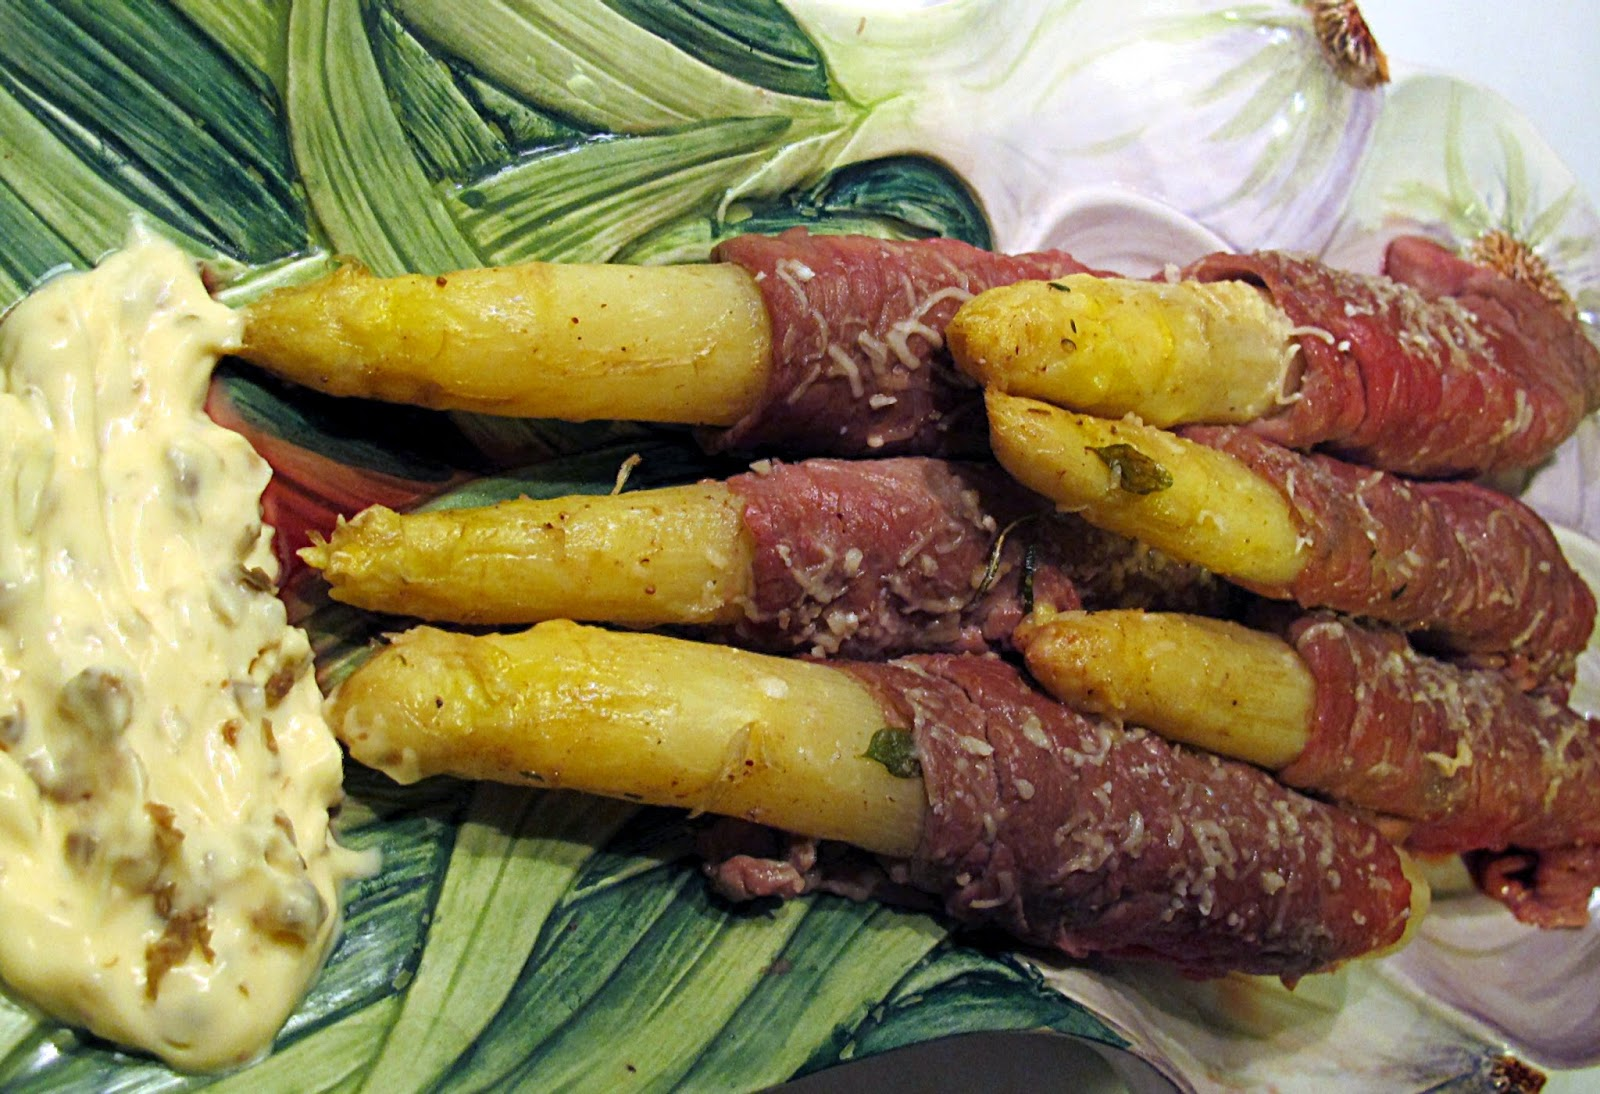 asparagi bianchi di bassano con carpaccio